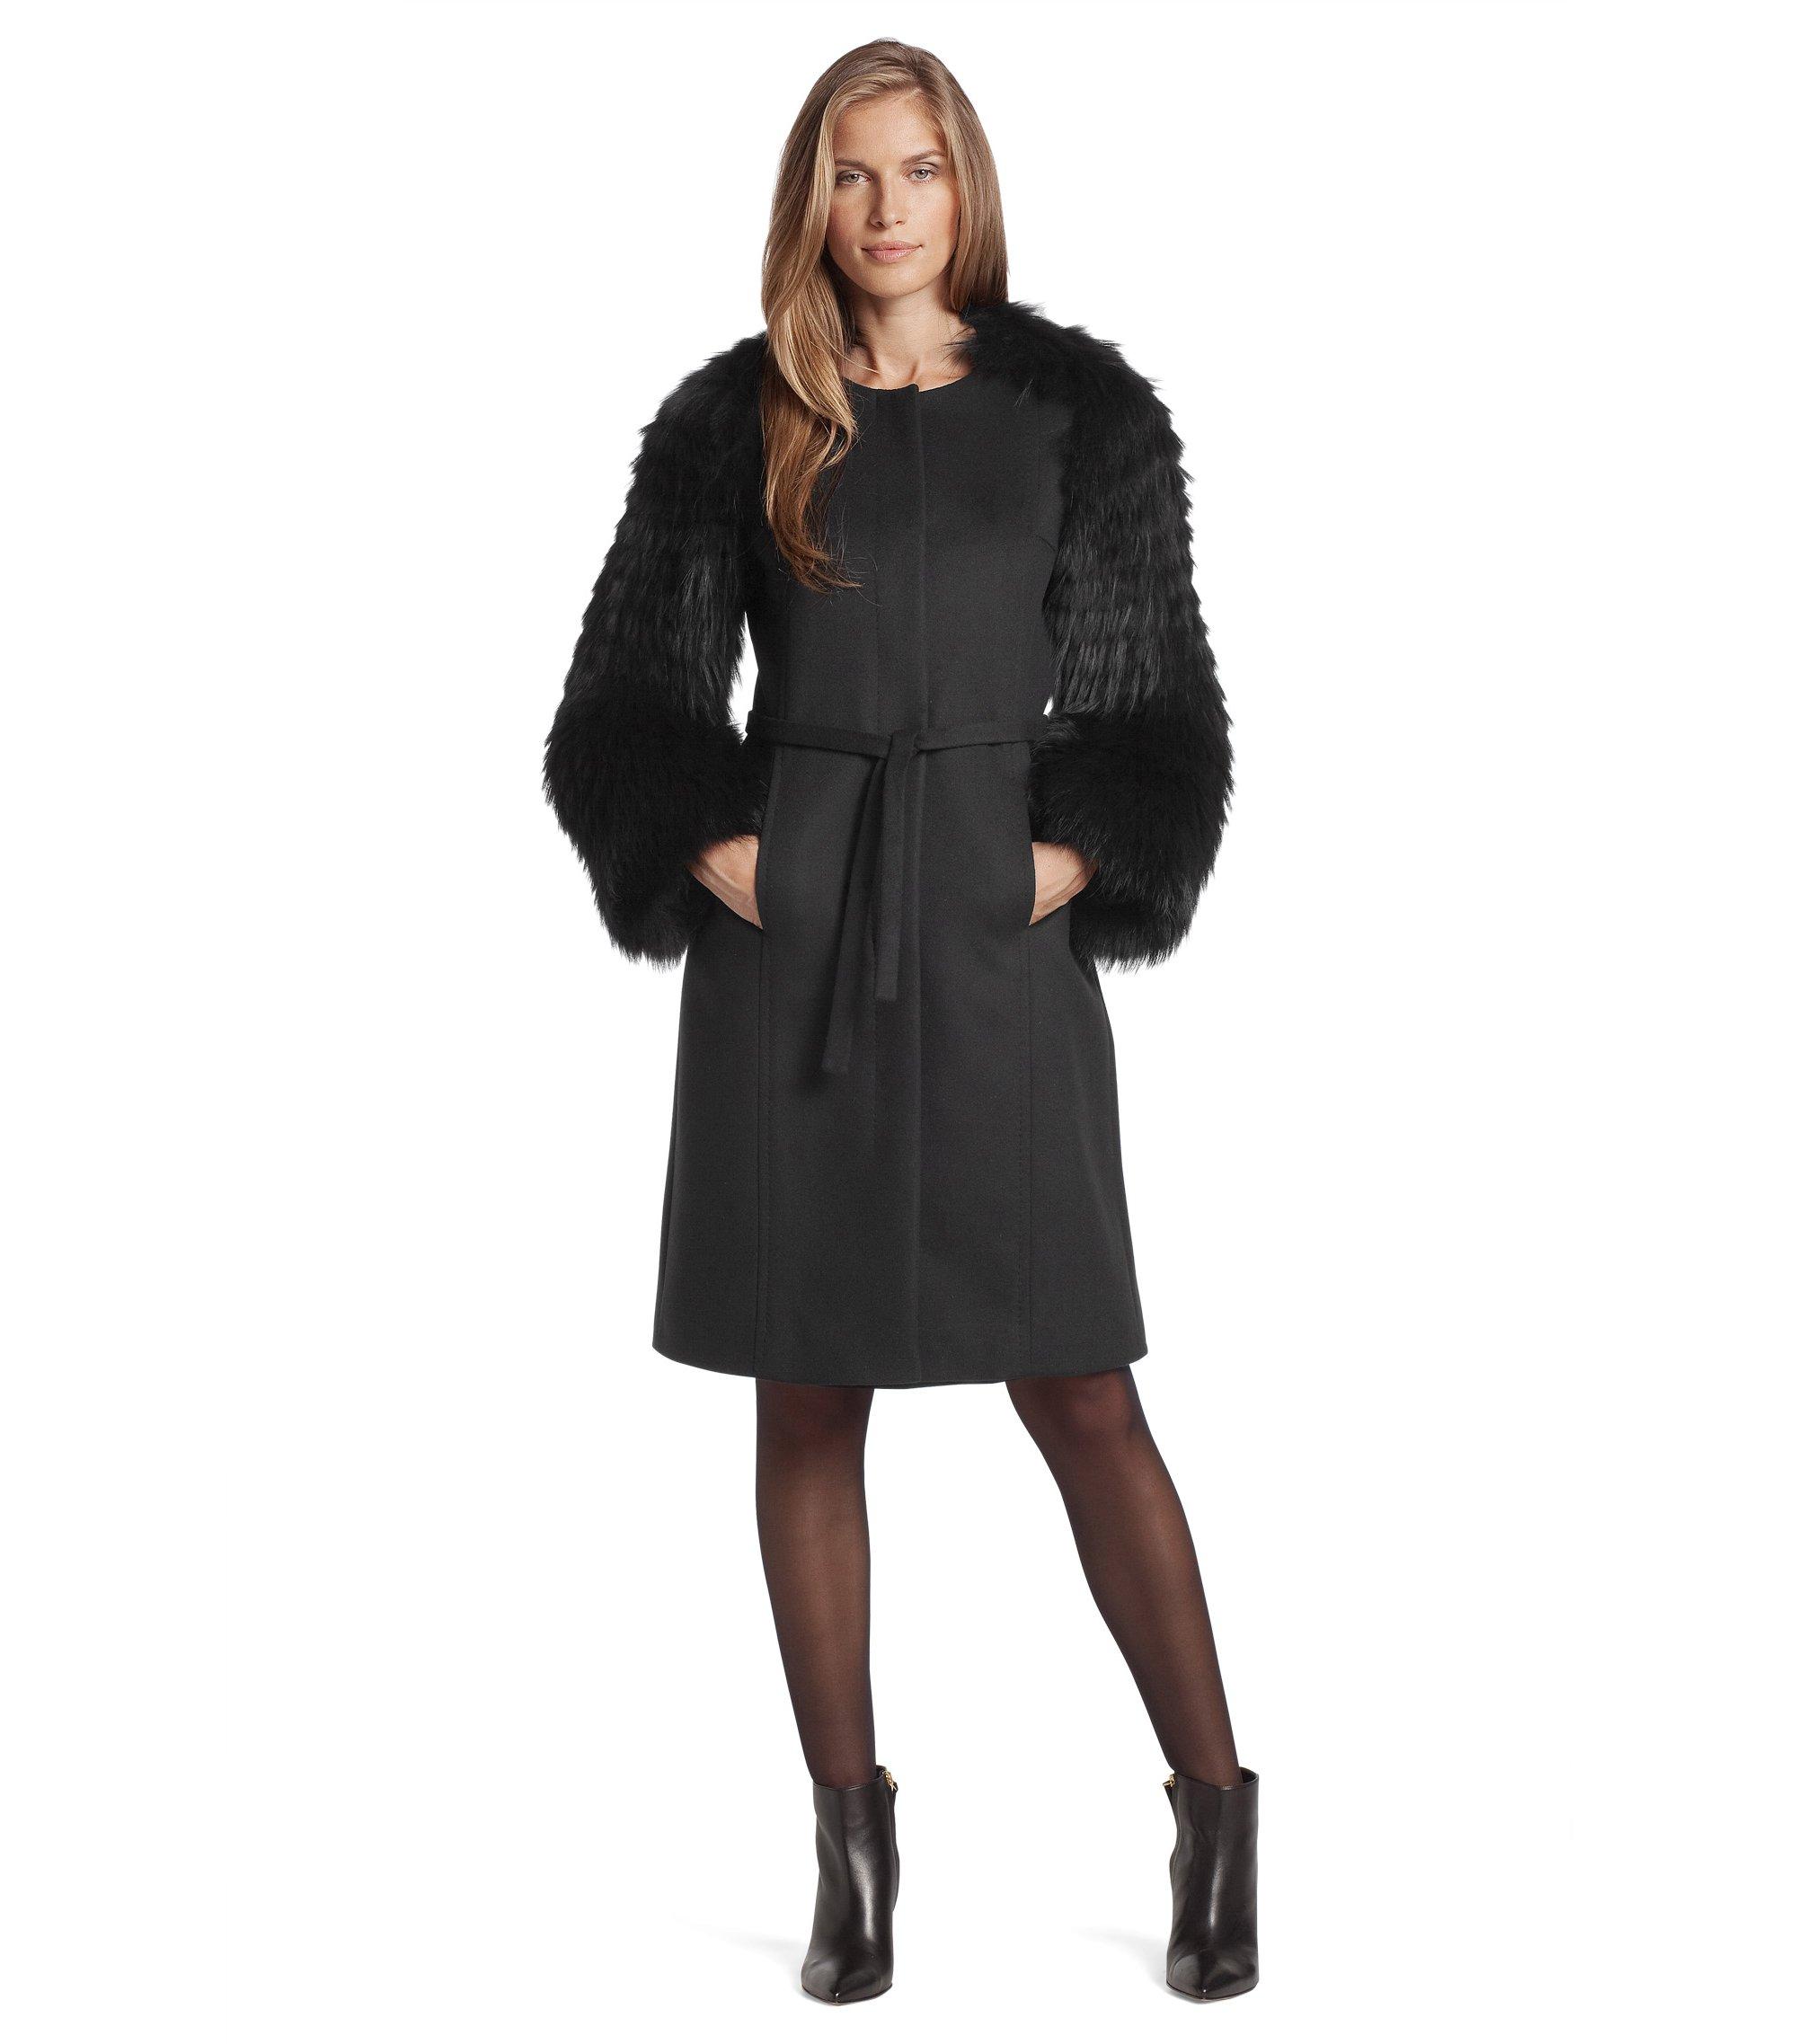 Mantel ´Cesna` mit Ärmeln aus Waschbär-Fell, Schwarz